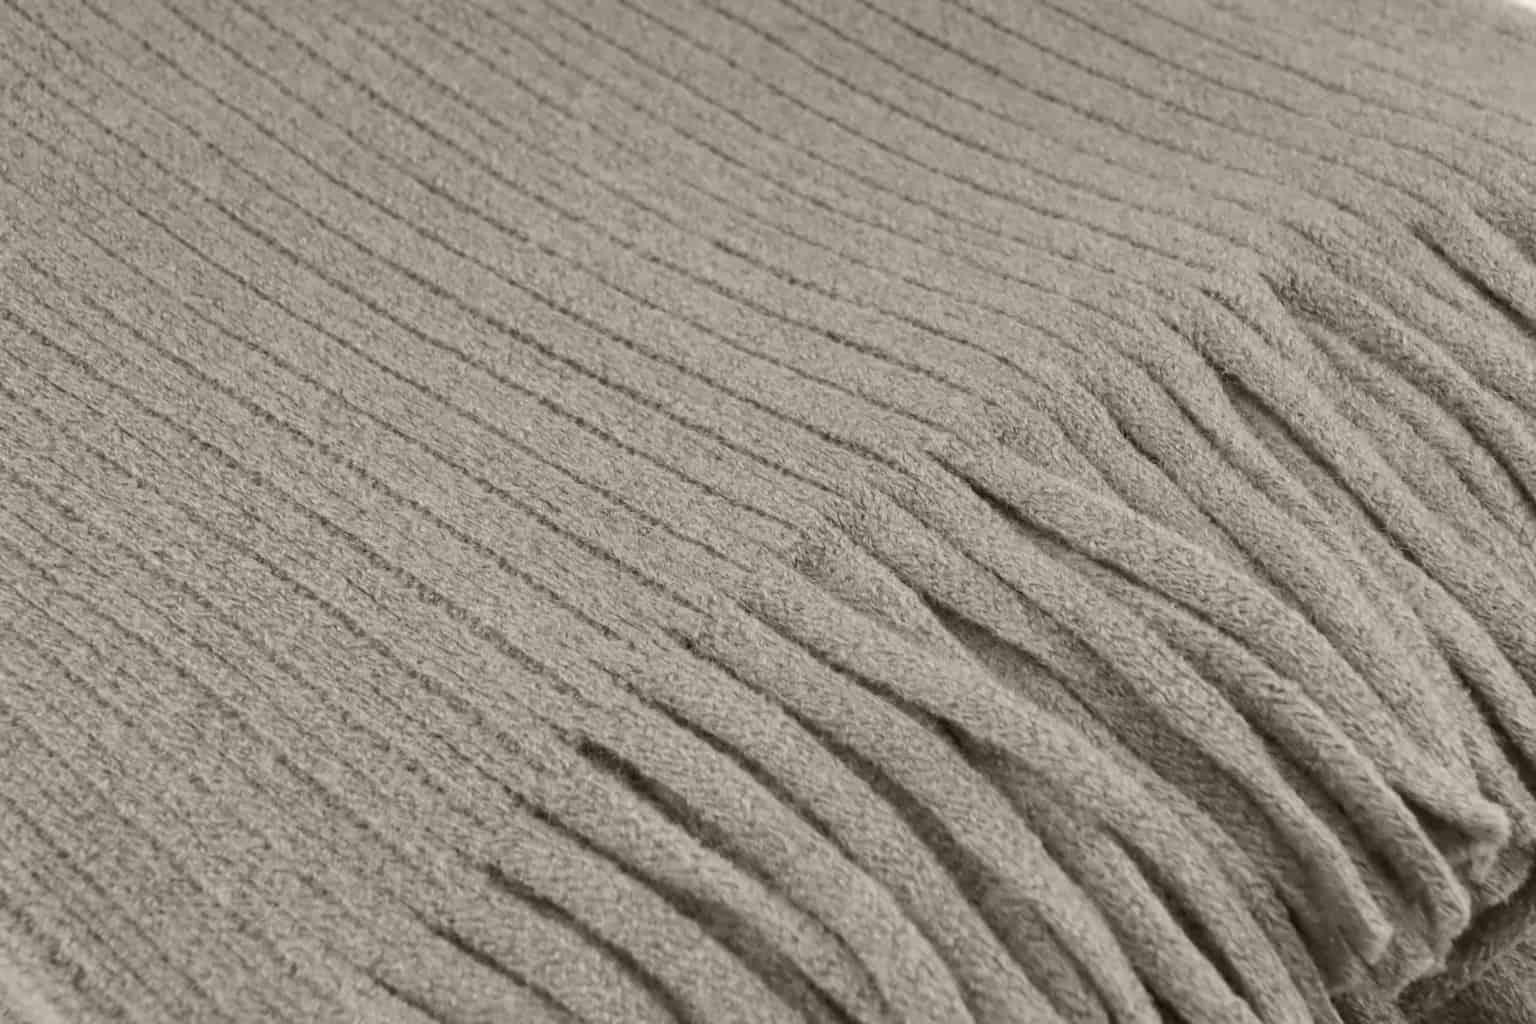 cashmere-plaid-beige-CU-scaled-1.jpg